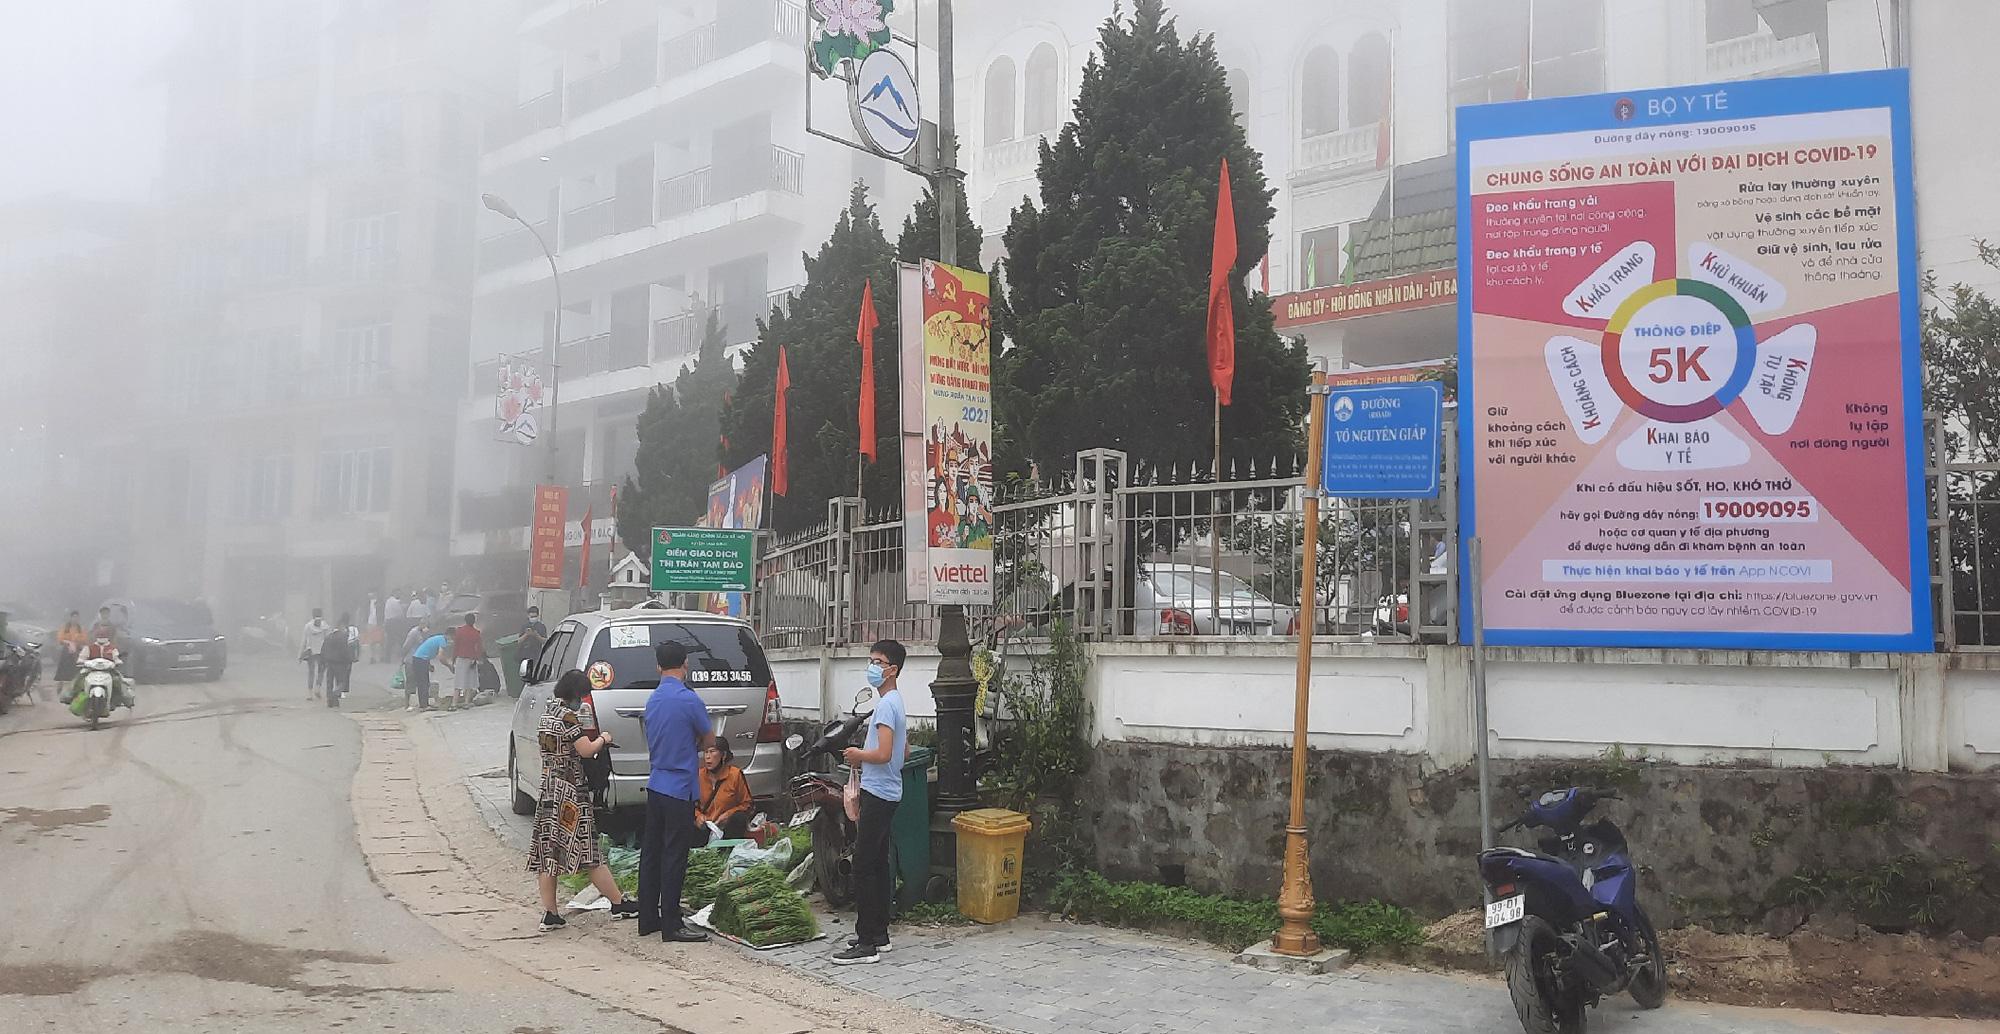 Thị trấn Tam Đảo (Vĩnh Phúc): Du khách còn chủ quan trong phòng chống dịch Covid 19 - Ảnh 2.